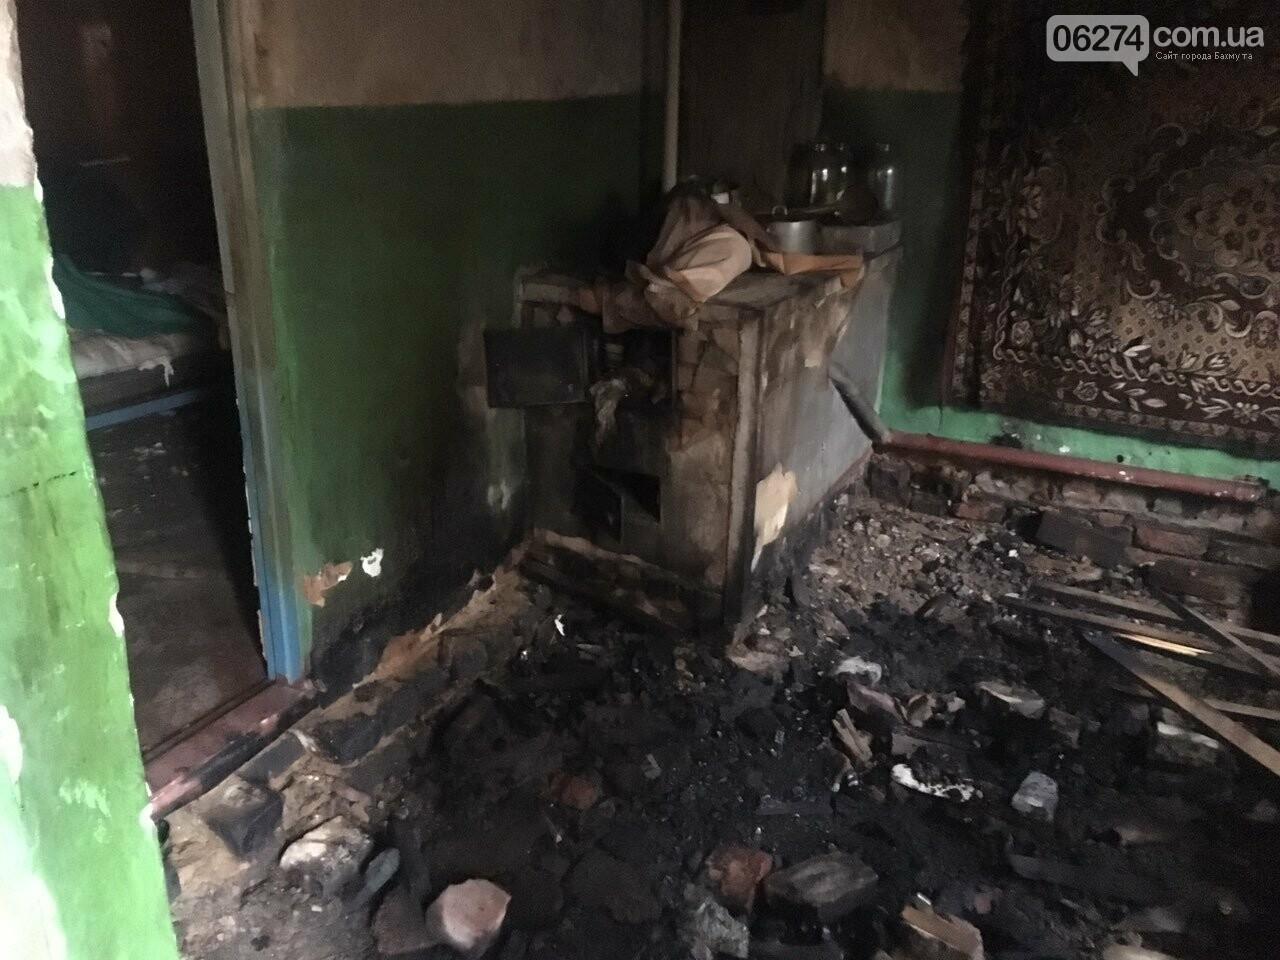 В Бахмуте на пожаре обнаружили тело погибшего мужчины, фото-1